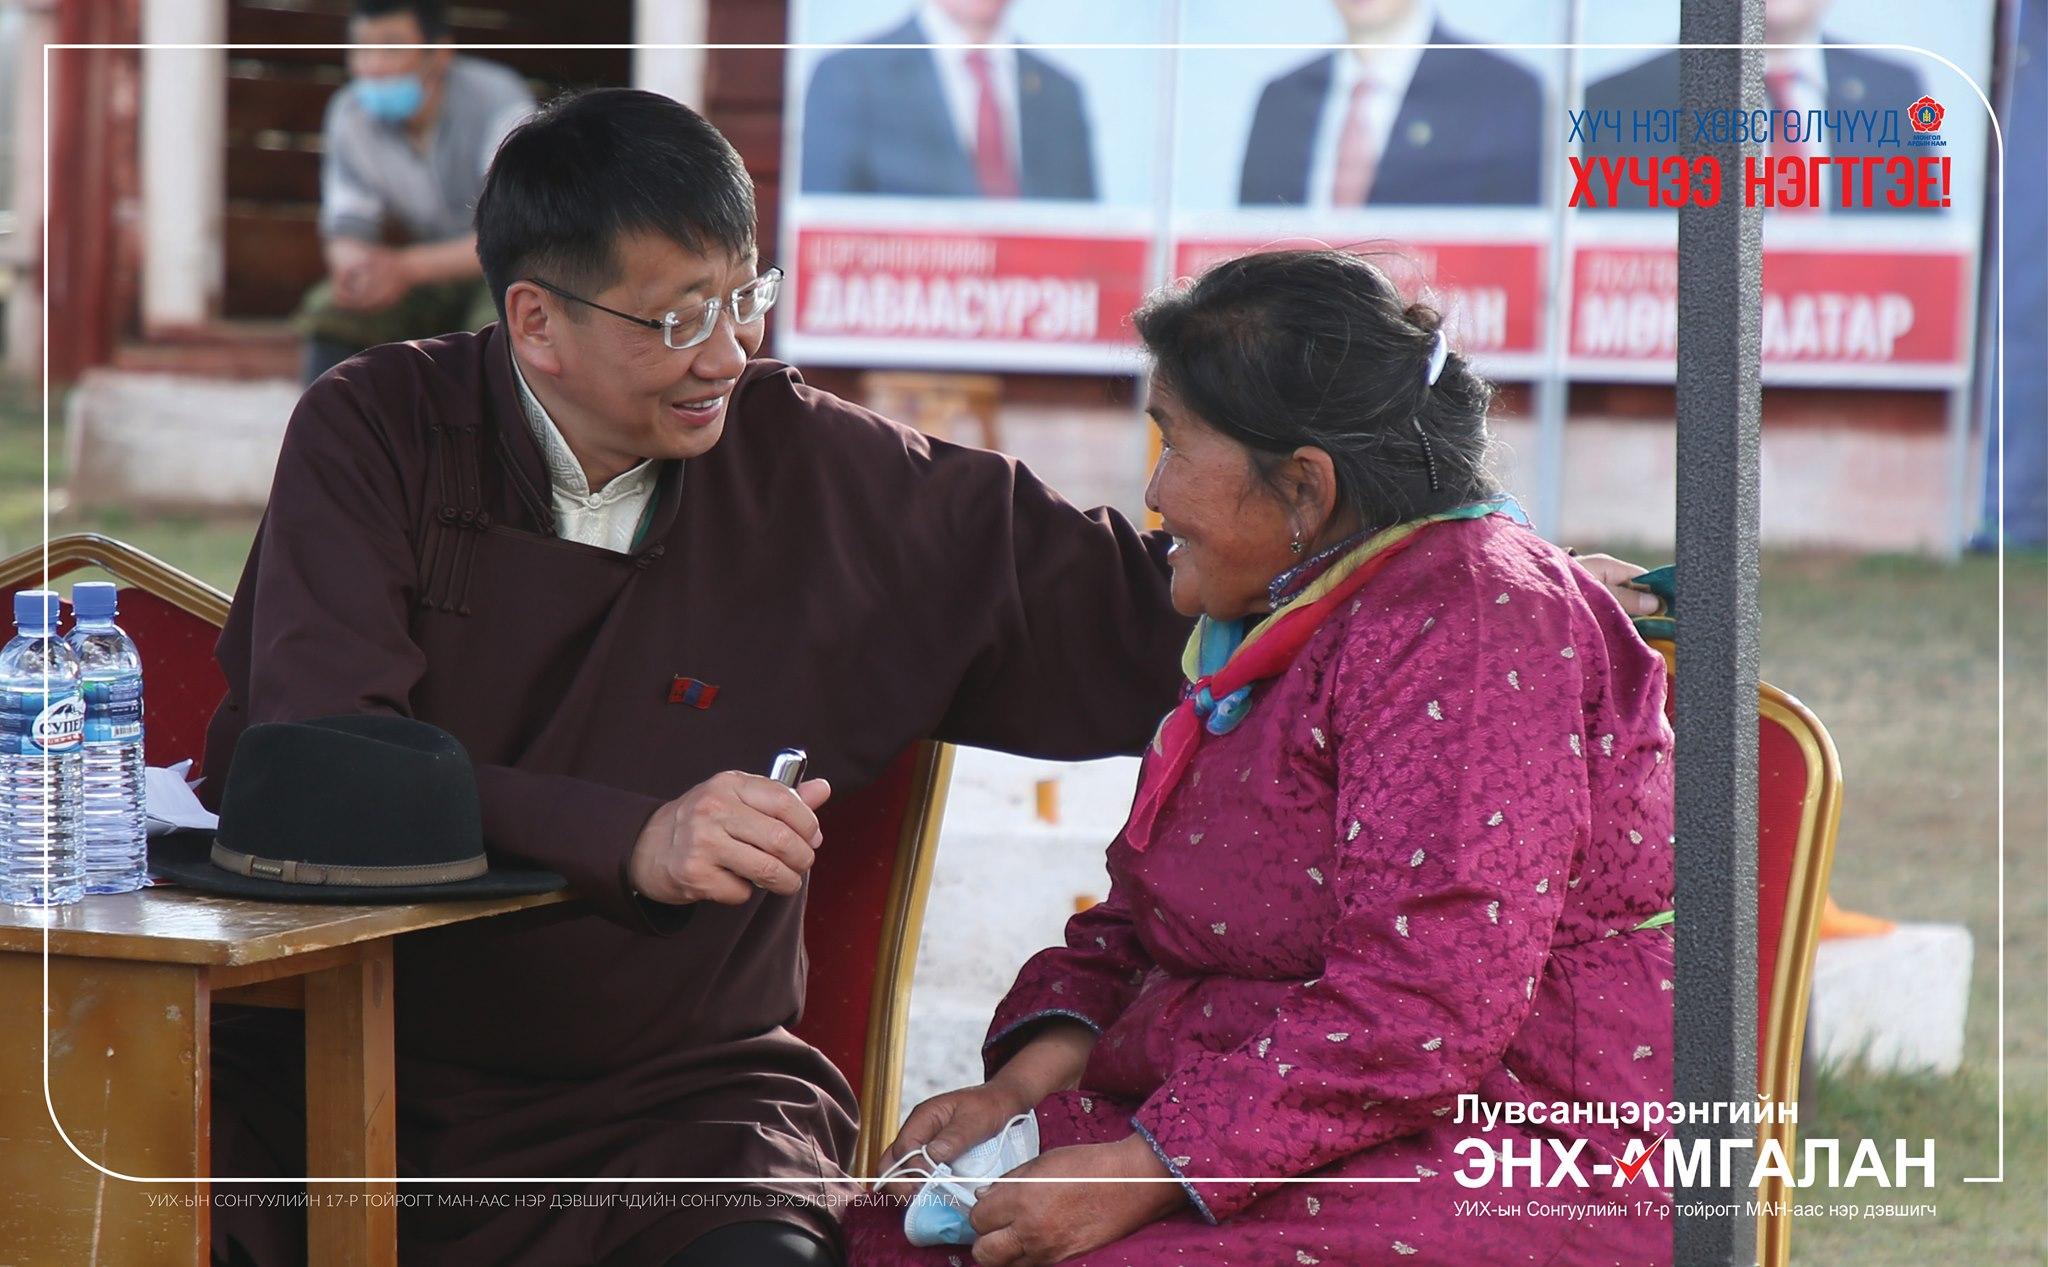 Хөвсгөл аймгийн ТҮНЭЛ сумын иргэд сонгогчидтойгоо уулзлаа